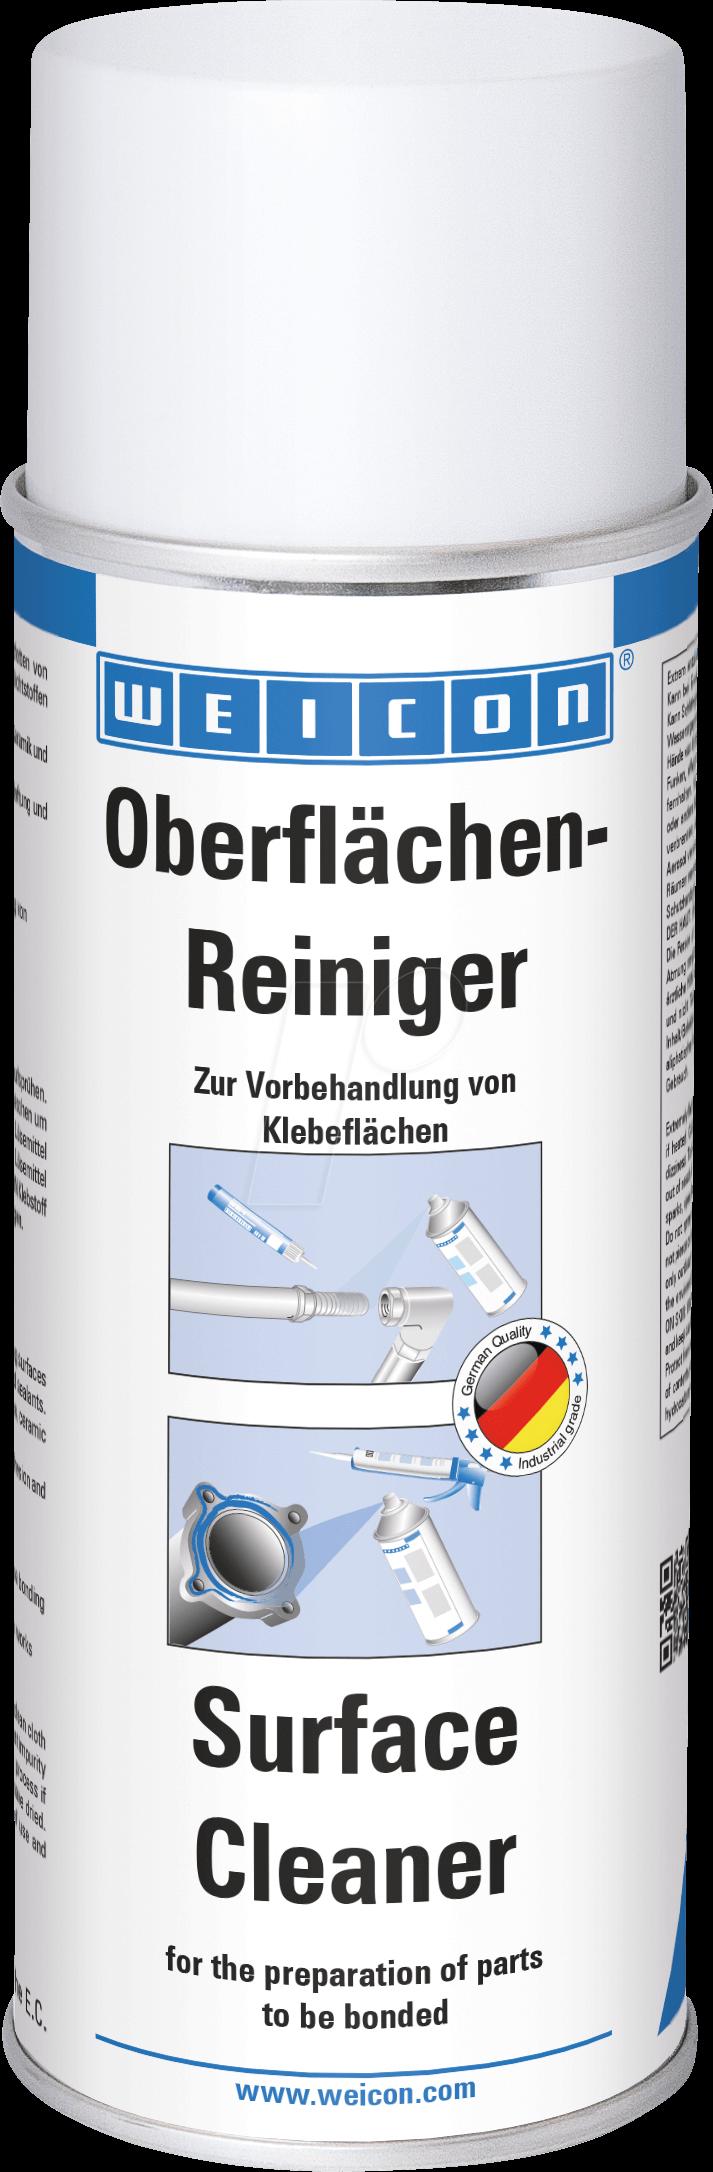 https://cdn-reichelt.de/bilder/web/xxl_ws/D800/WEICON_11207400_01.png